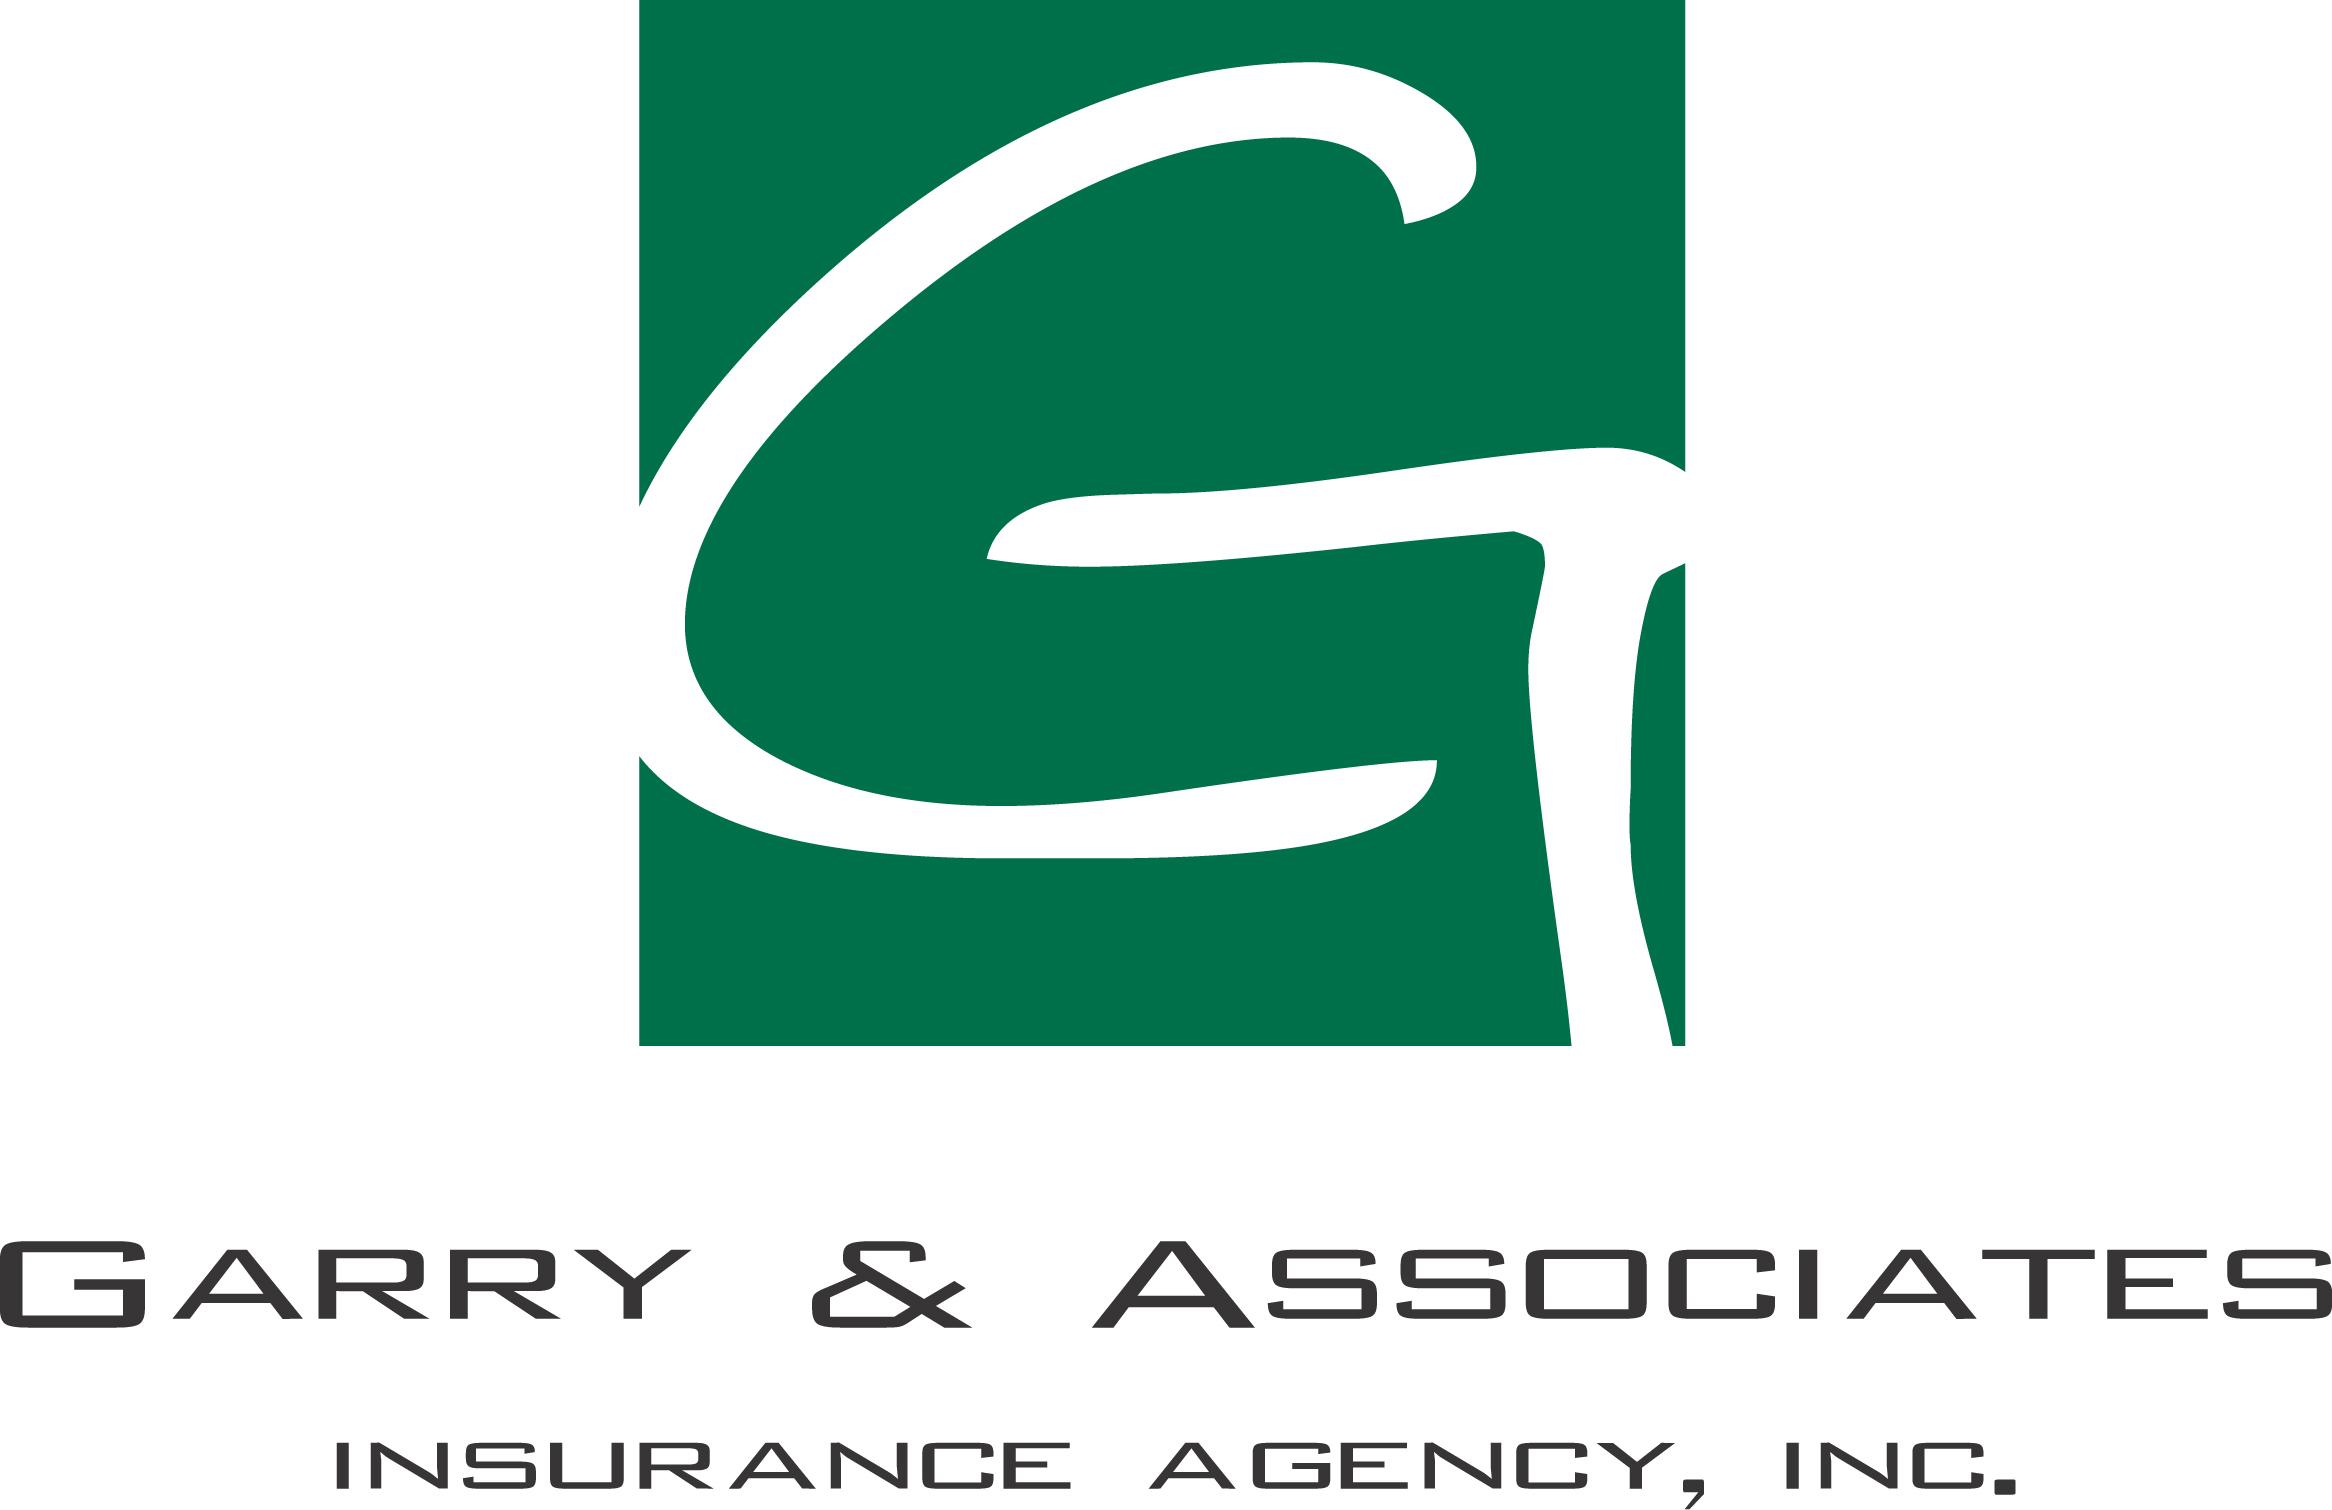 Garry & Associates